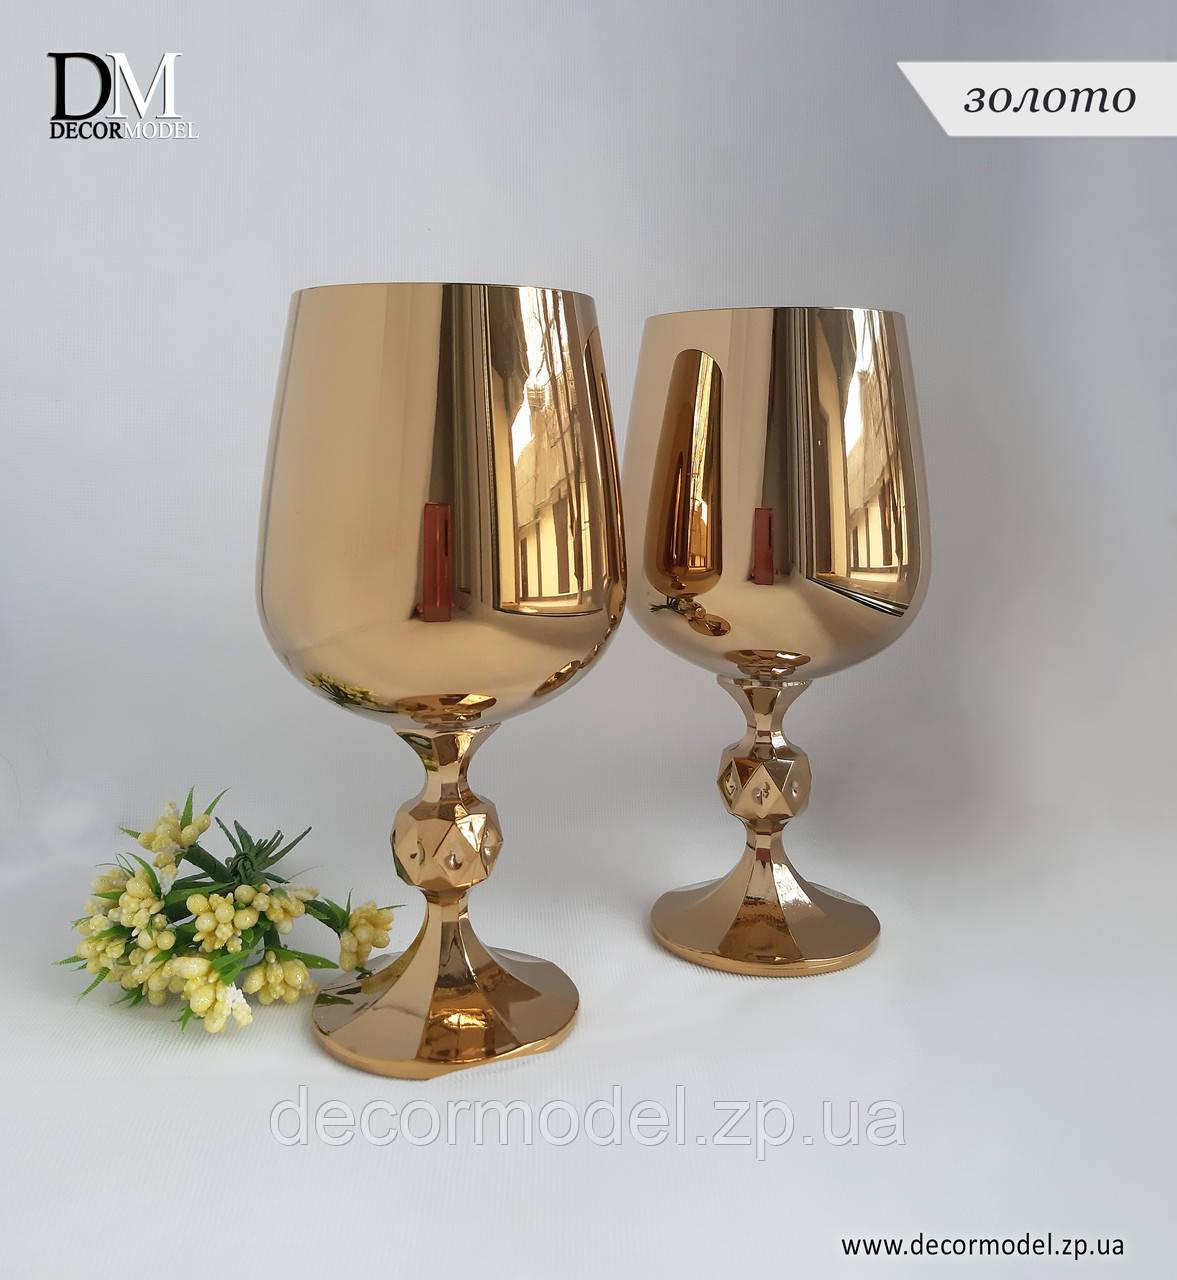 Набор бокалов для вина Bohemia Sterna 340 ml (цвет: ЗОЛОТО)